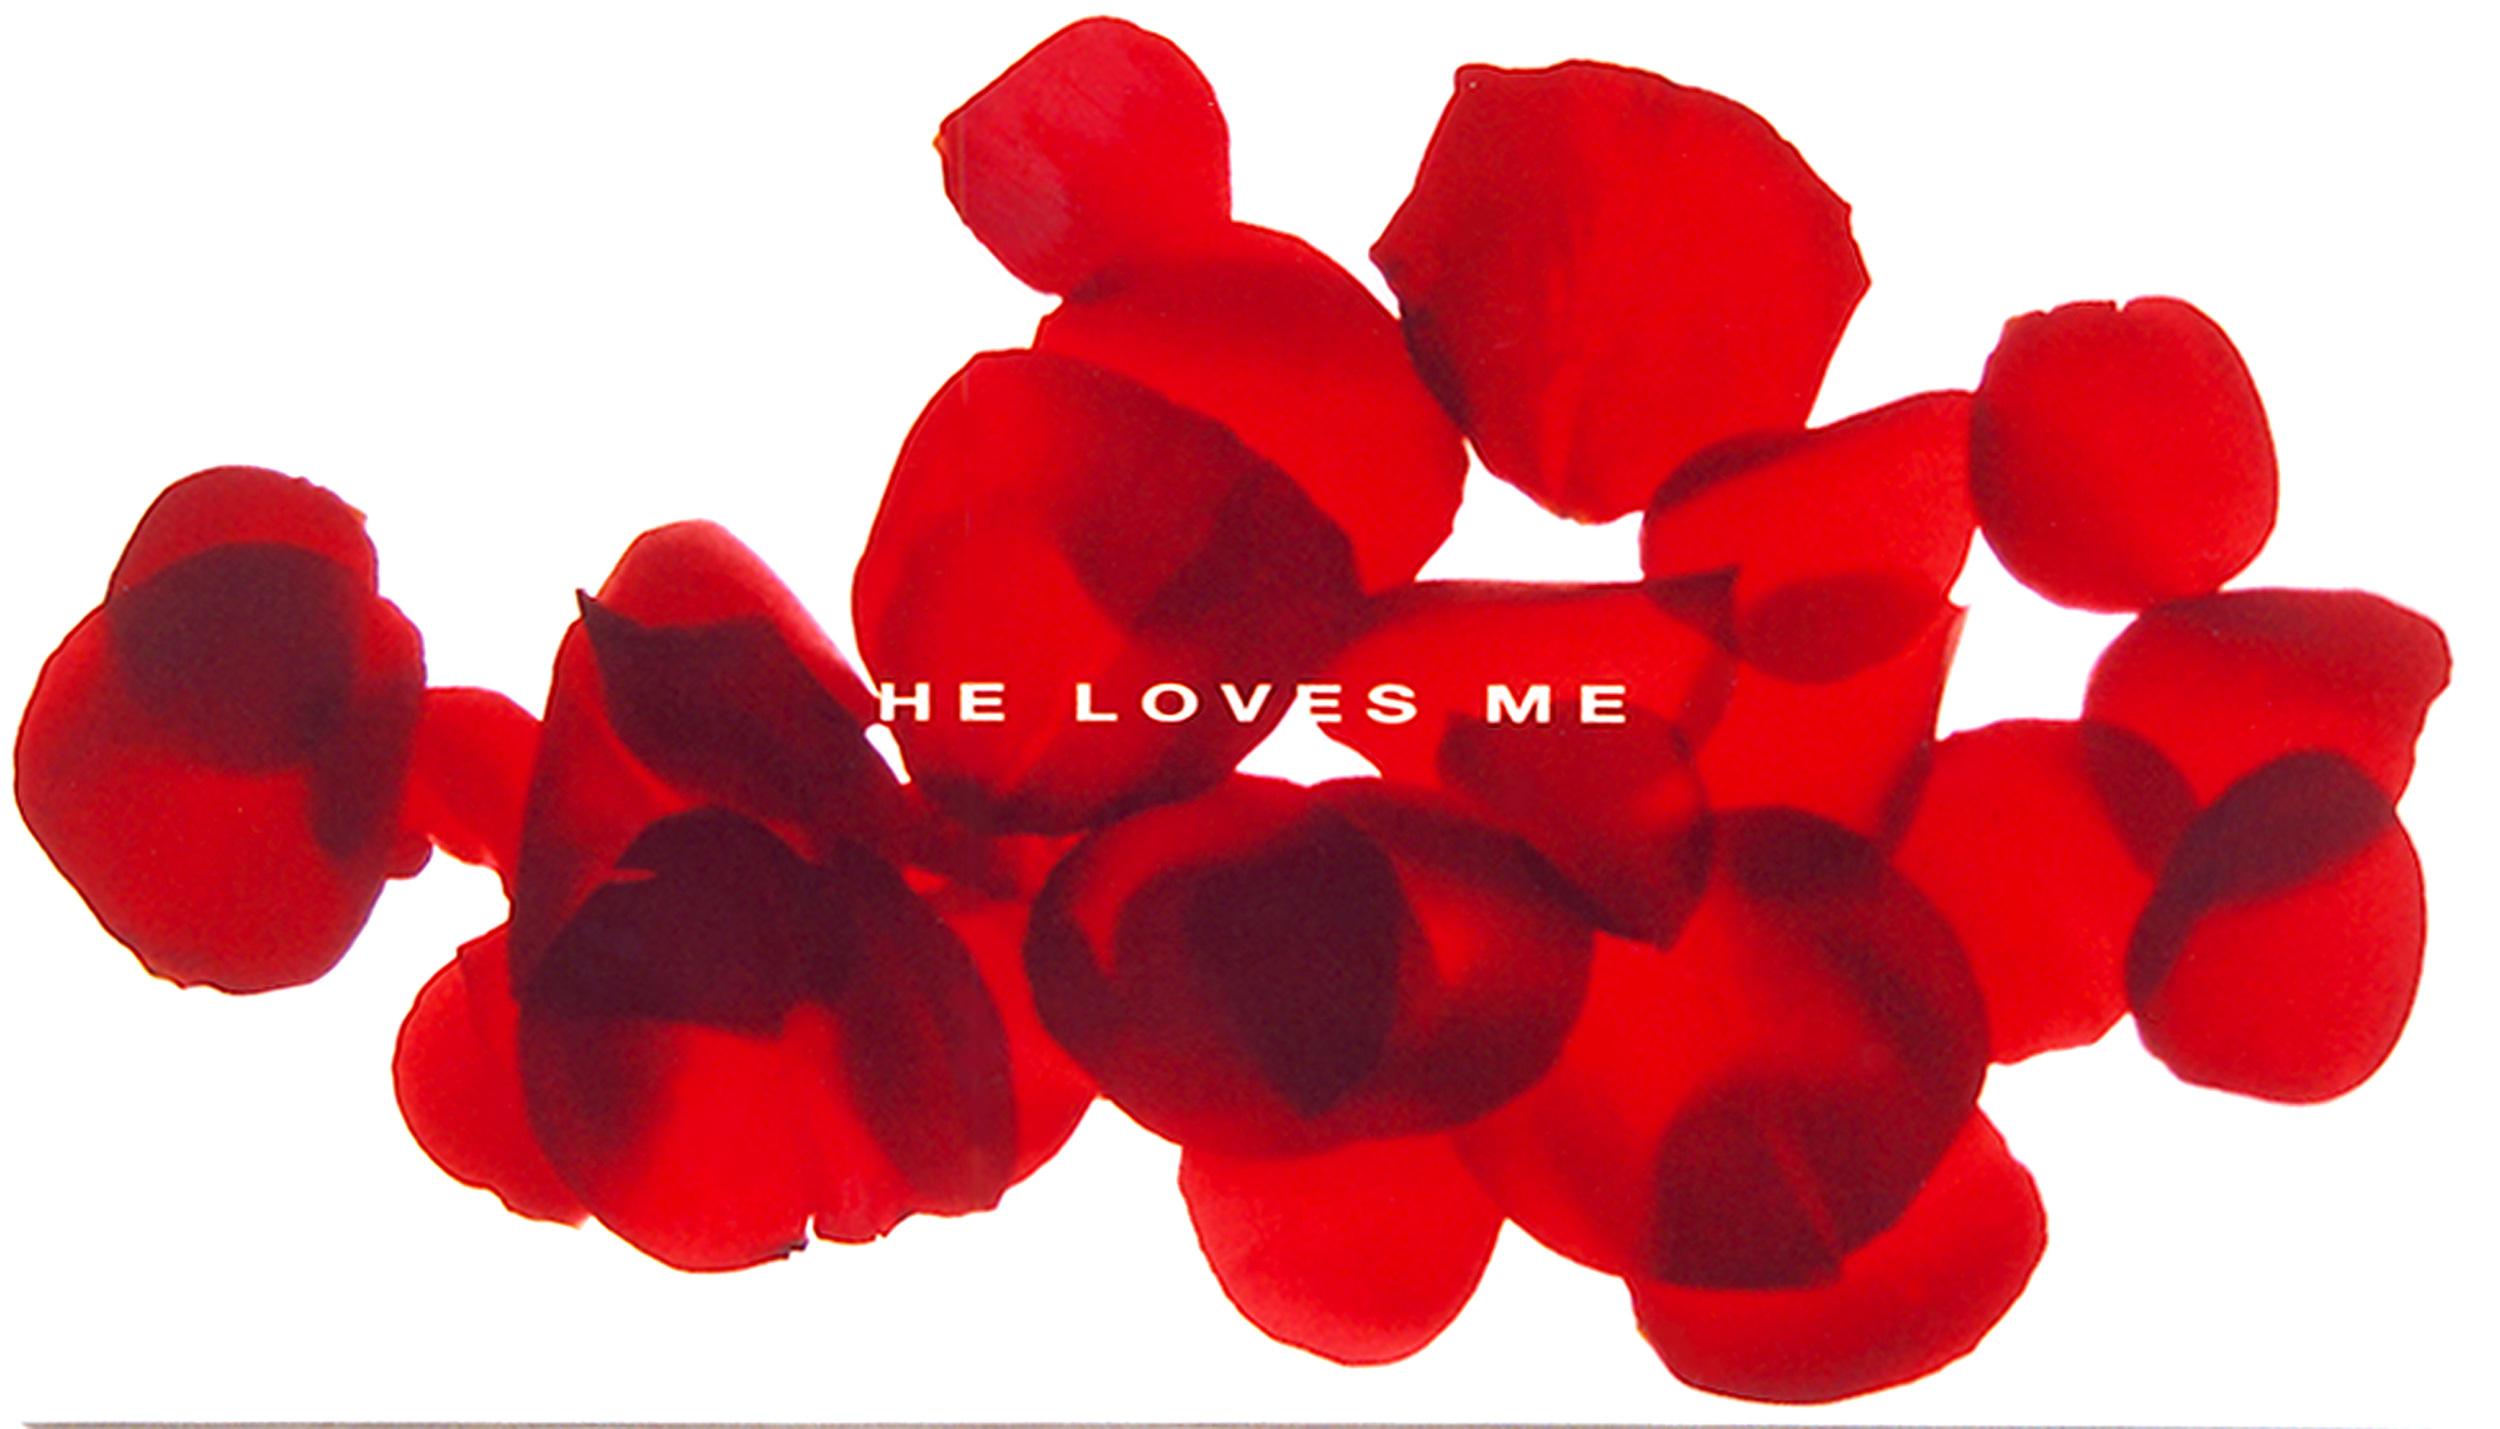 MNP-48  HE LOVES ME   (lgdpi) copy.jpg